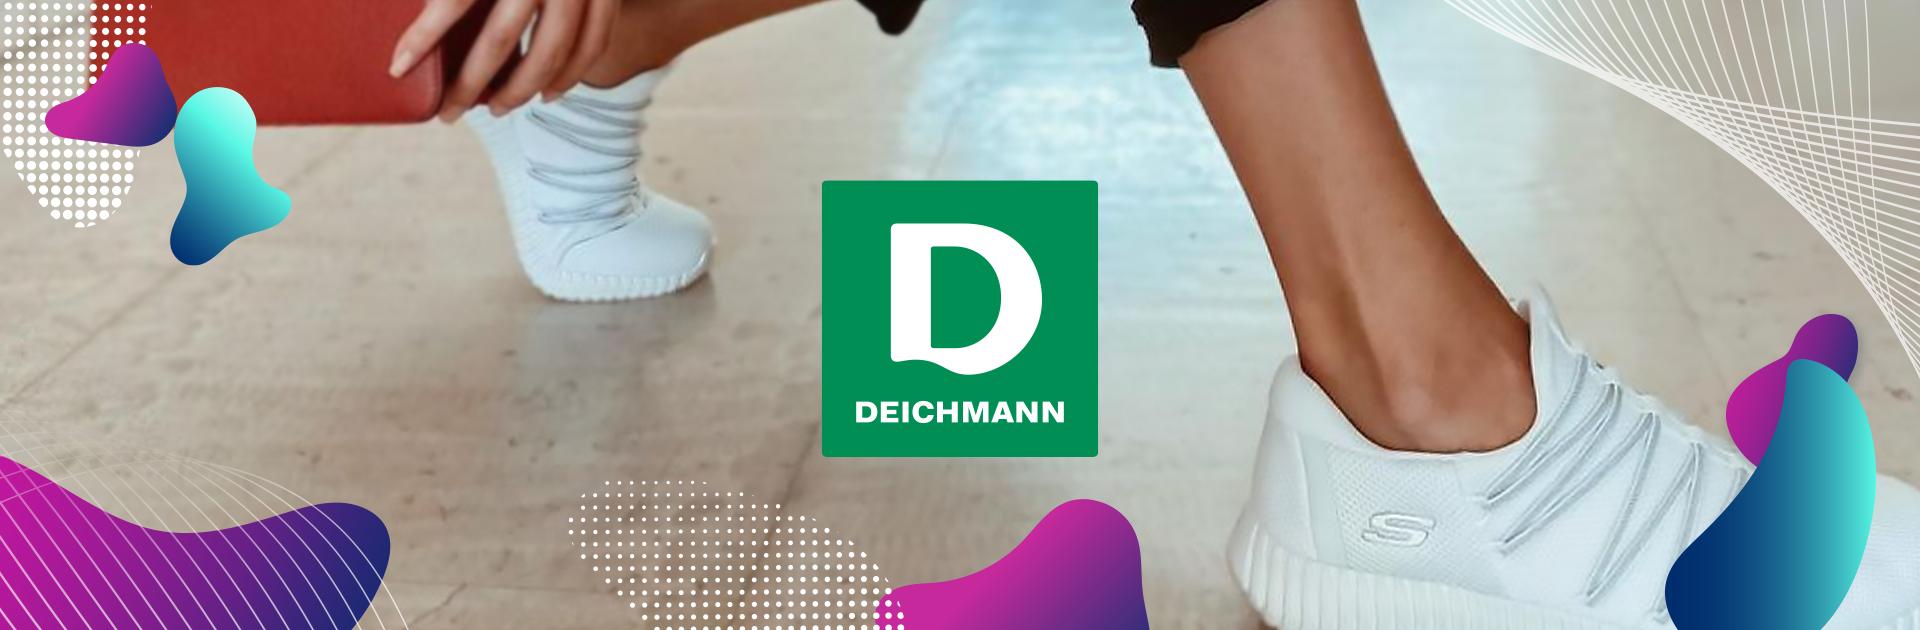 Influencer Marketing #aunpassodate per Deichmann